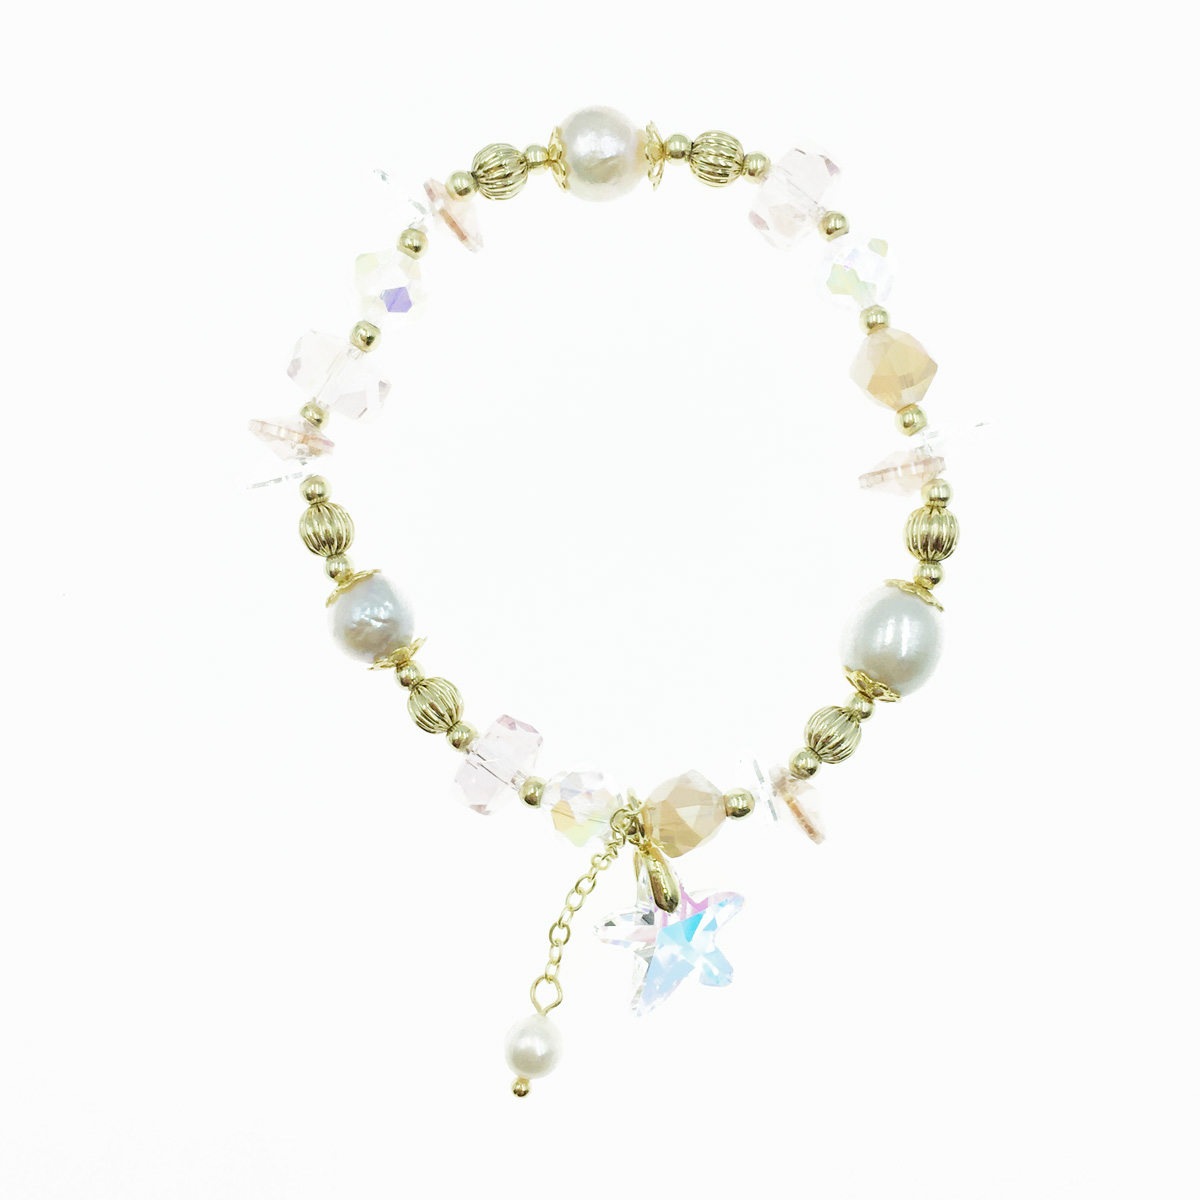 韓國 水晶 星星 串珠 彈性 墜飾 手鍊